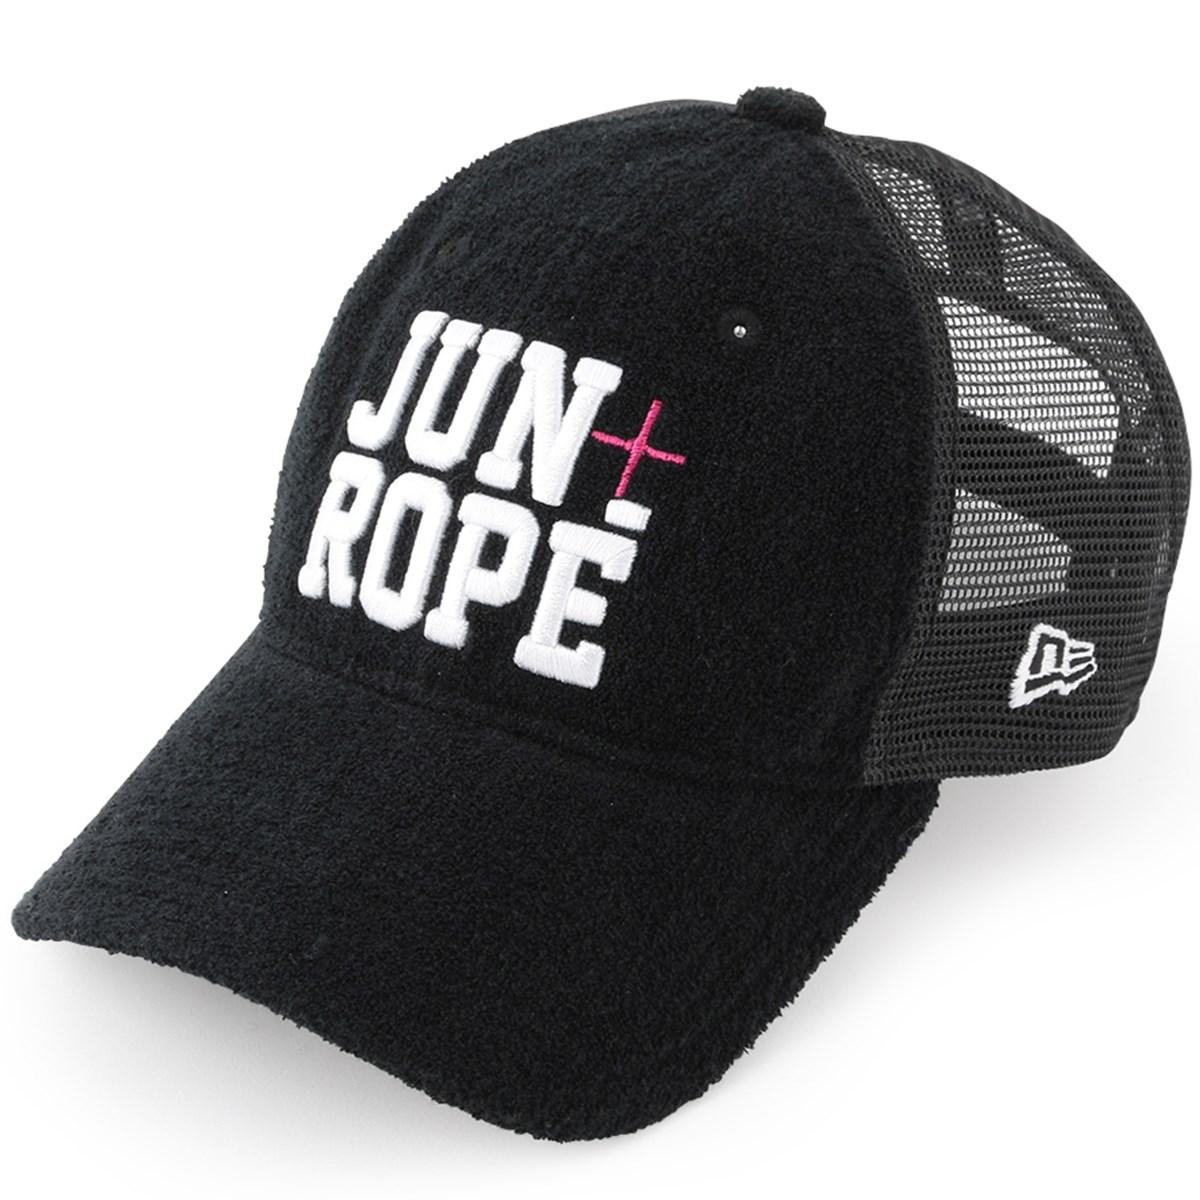 ジュン アンド ロペ JUN & ROPE NEW ERAGOLF920TRMコラボキャップ フリー ブラック 01 レディス